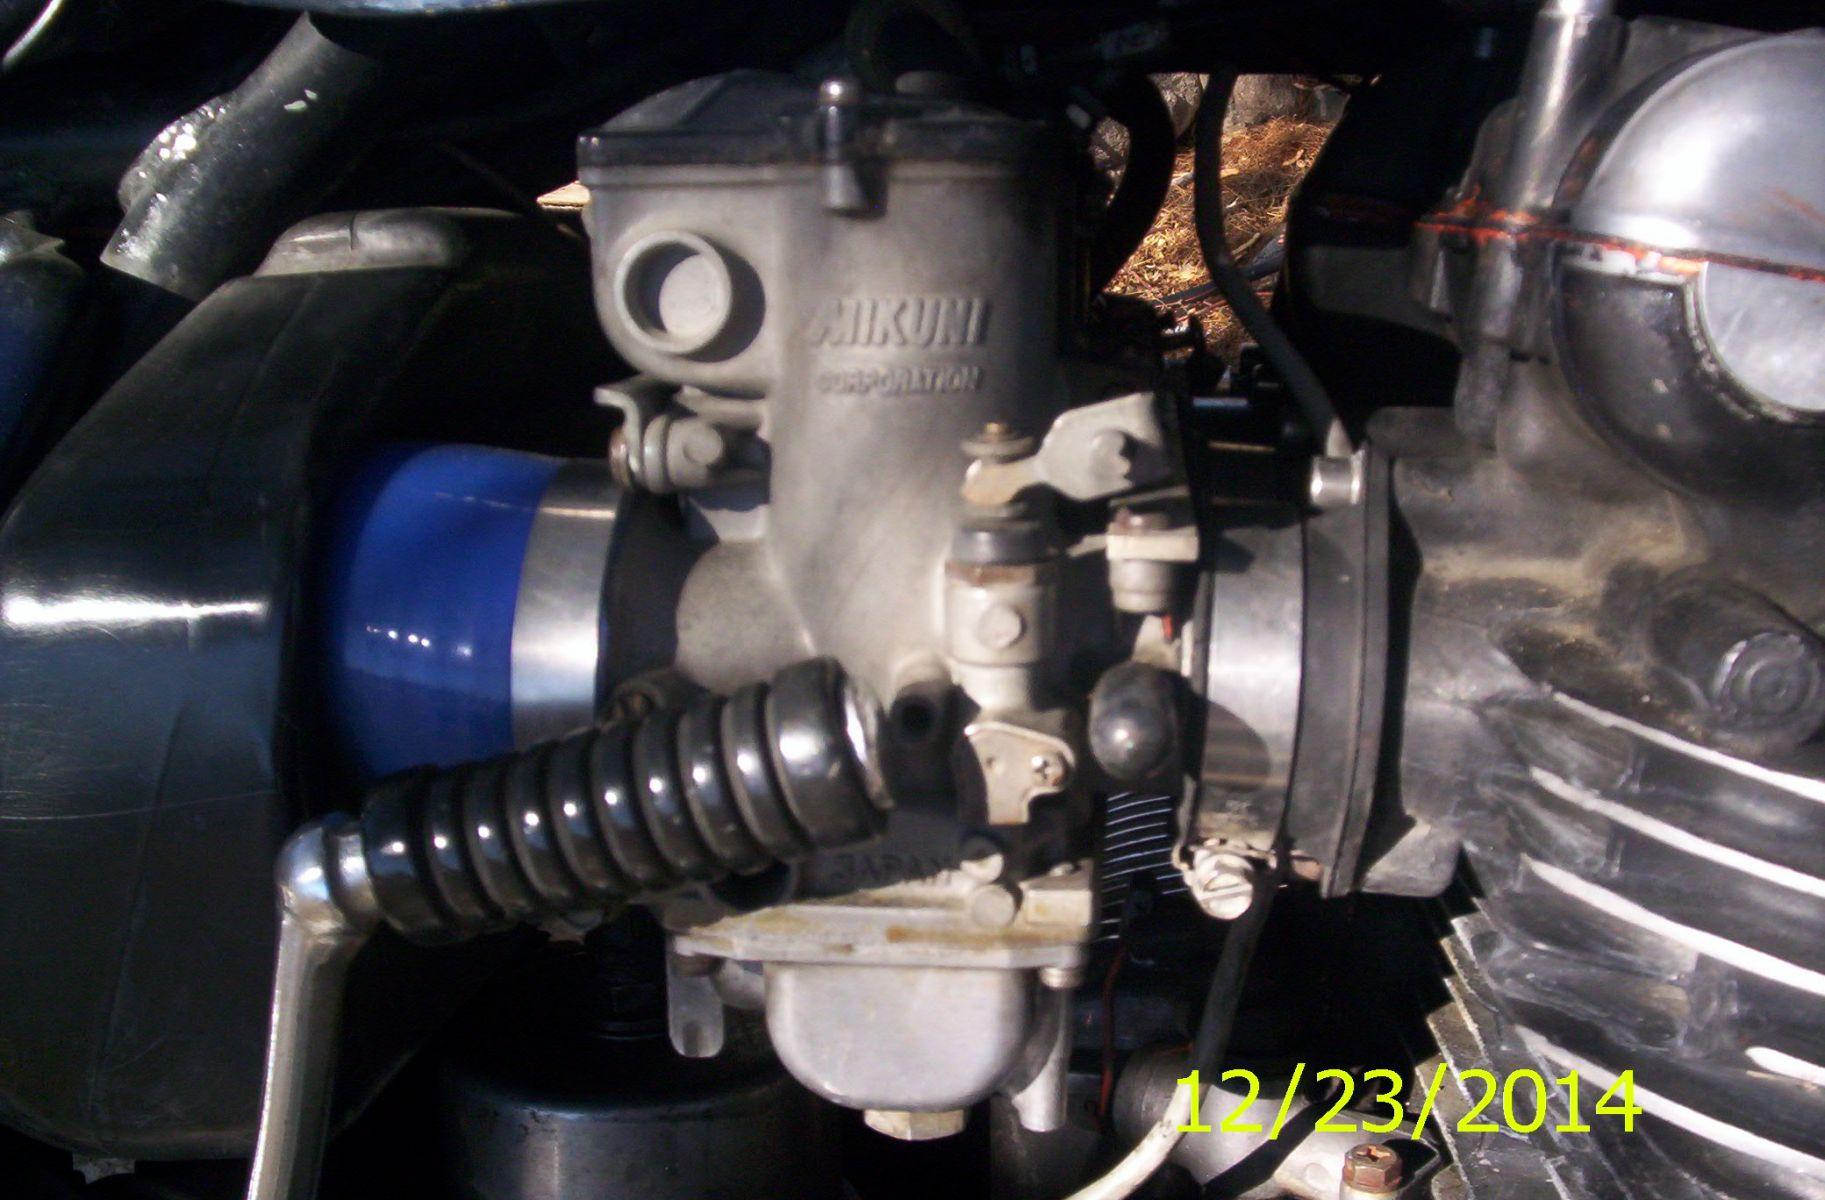 Airbox boot repair? - KZRider Forum - KZRider, KZ, Z1 & Z Motorcycle